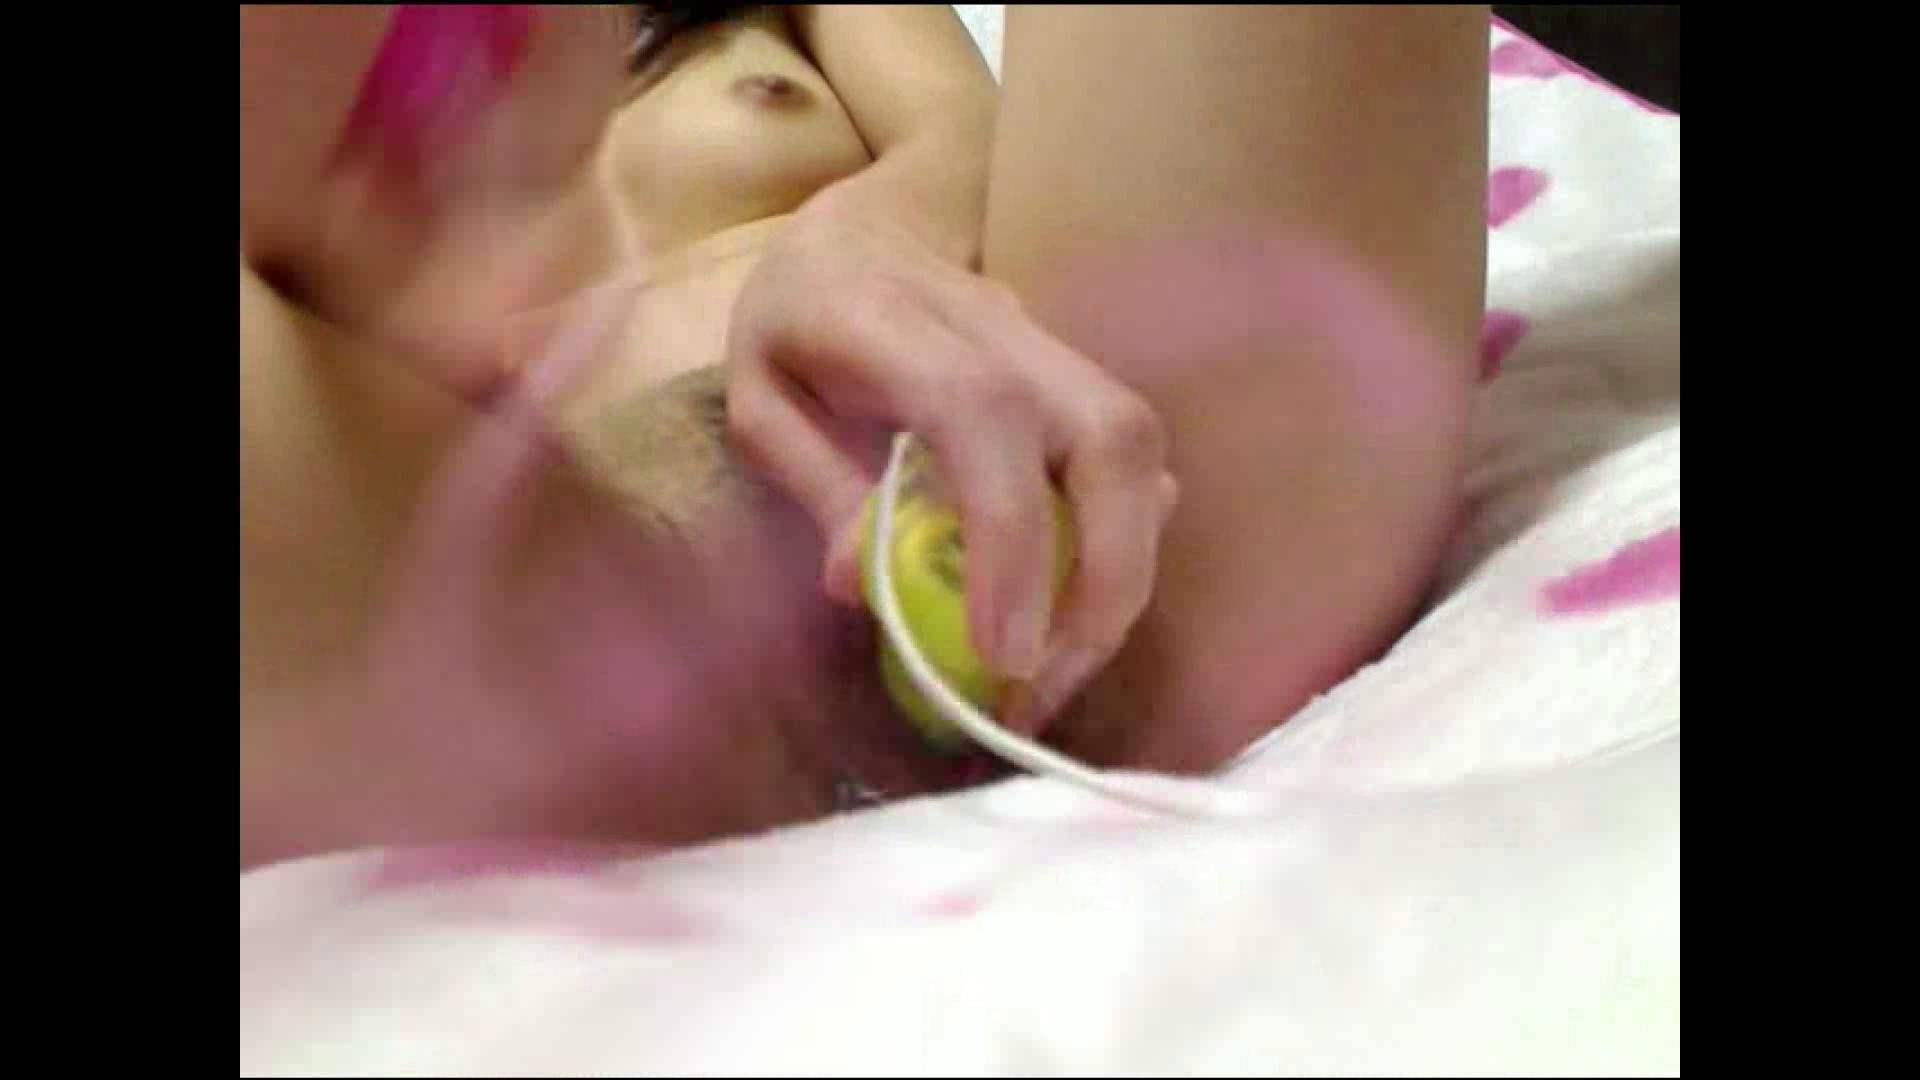 アヘ顔のわたしってどうかしら Vol.29 オナニーDEエッチ のぞき動画画像 84PIX 29